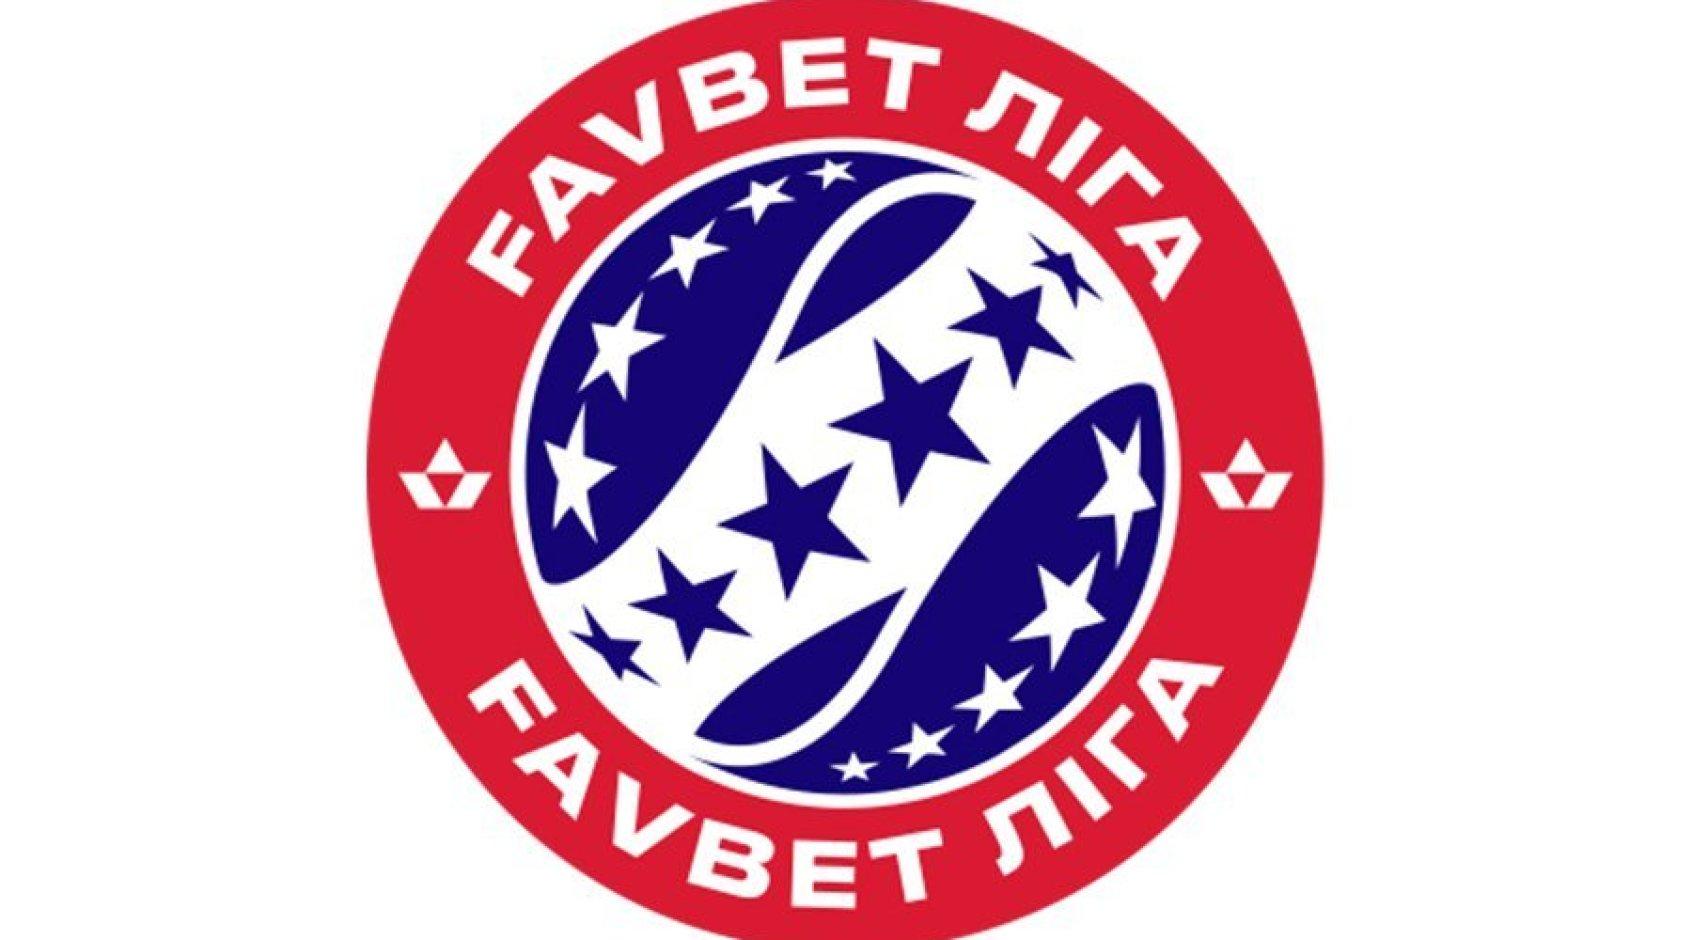 Клубы Favbet Лиги поддержали изменения в календарь: чемпионат завершится 16 мая